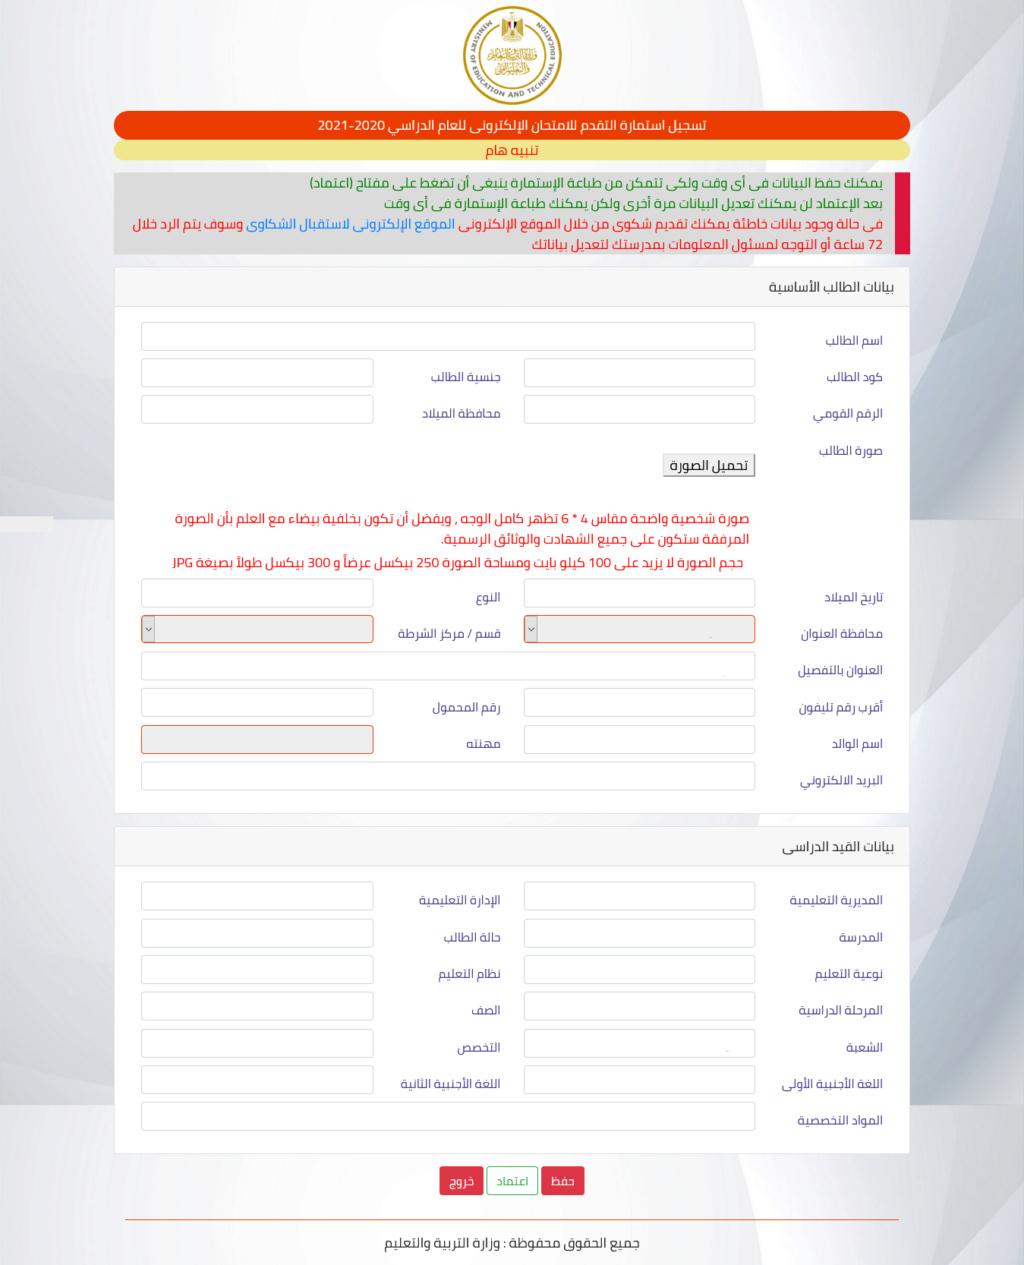 رابط تسجيل استمارة التقدم للامتحان الإلكترونى للصفين الأول والثاني الثانوي للعام الدراسي 2020-2021 52213